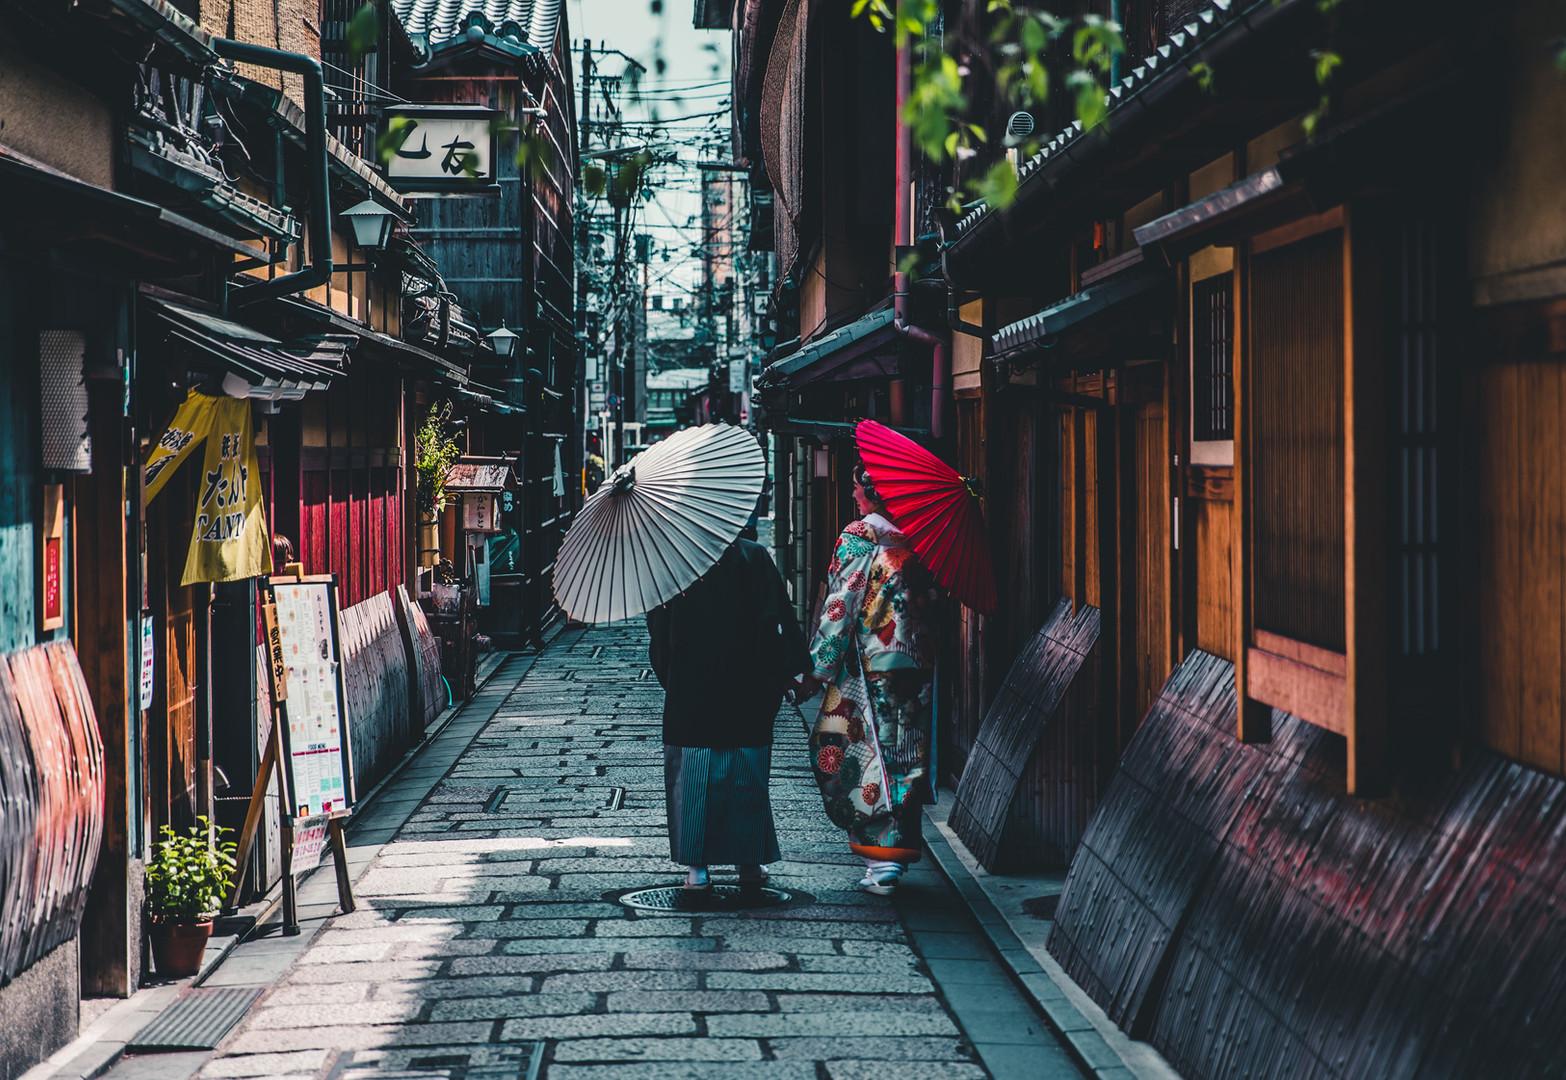 Donne con ombrelloni